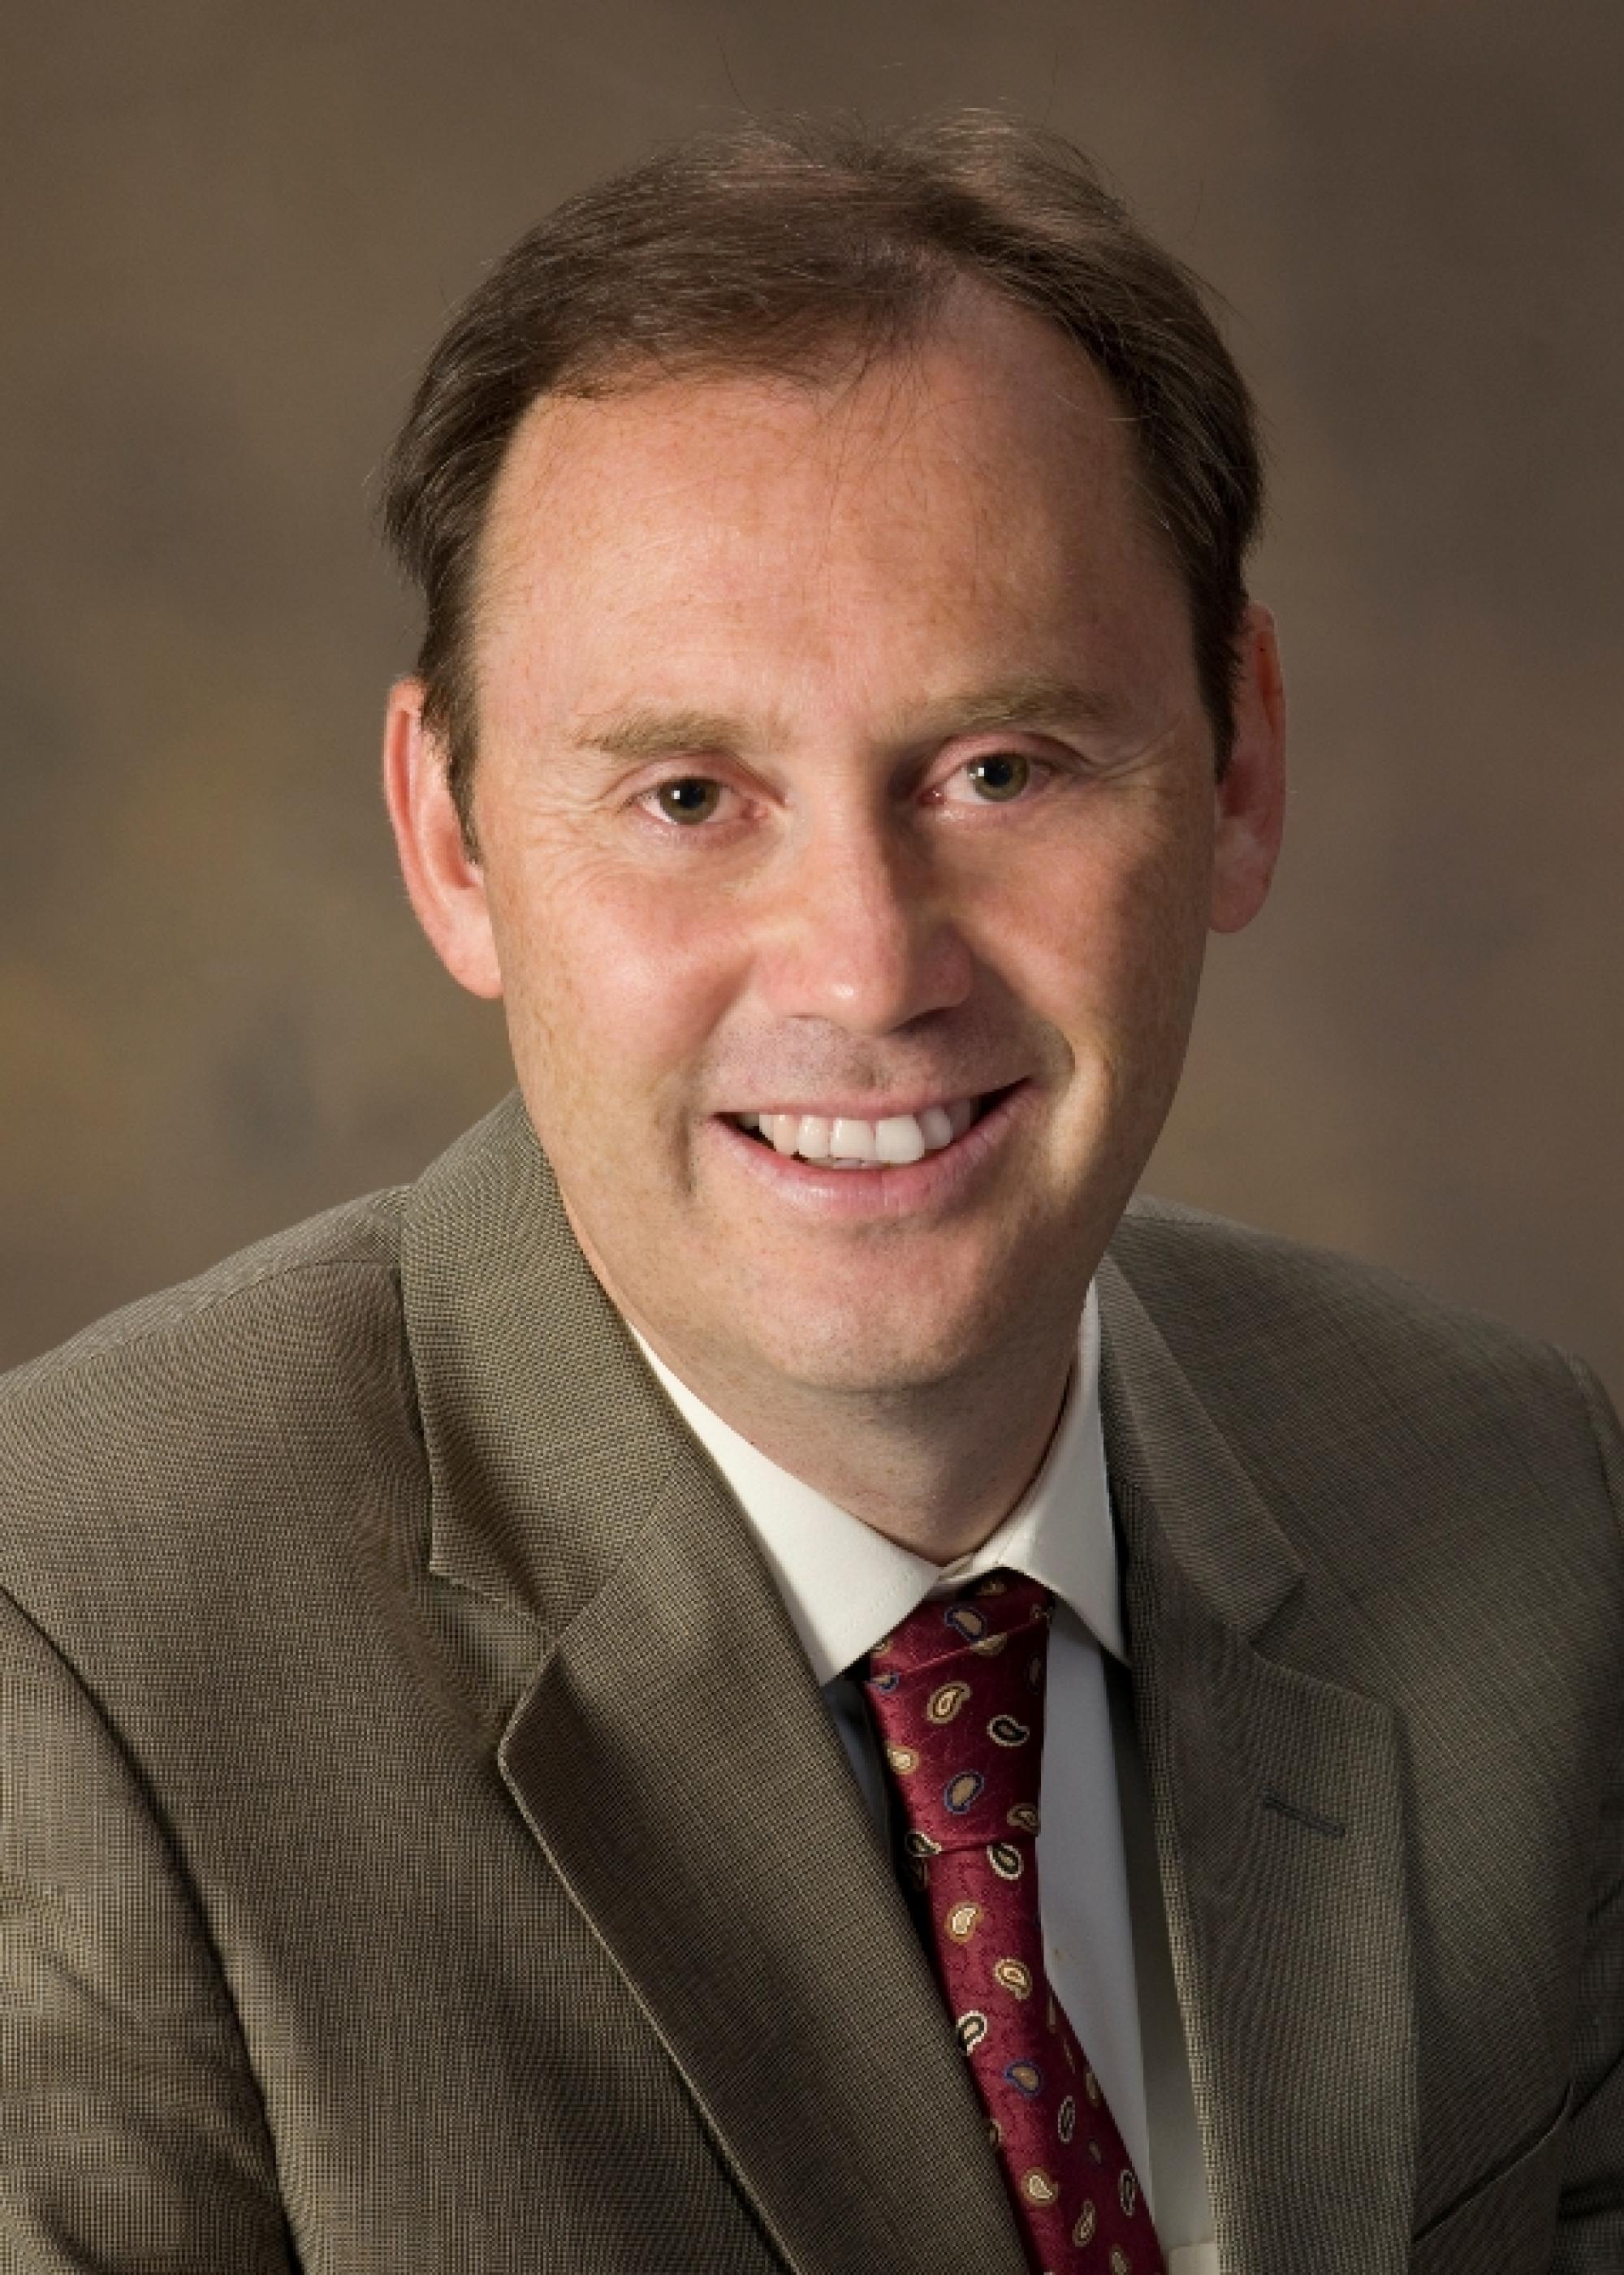 Shane Burgess